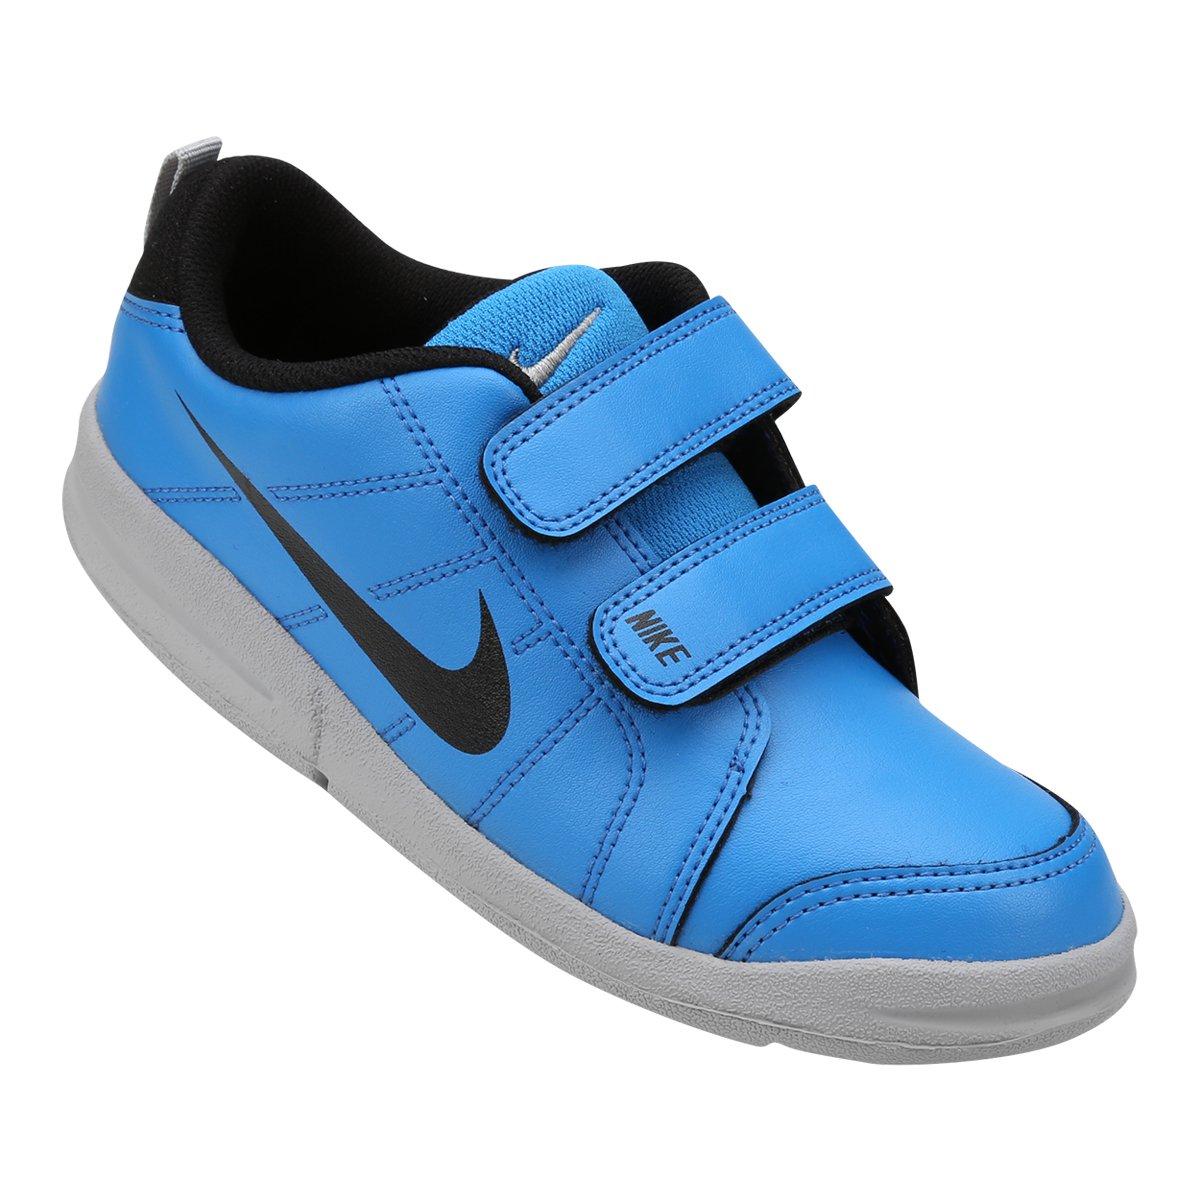 6e548eb0d0c Tênis Infantil Nike Pico Lt - Azul e Cinza - Compre Agora